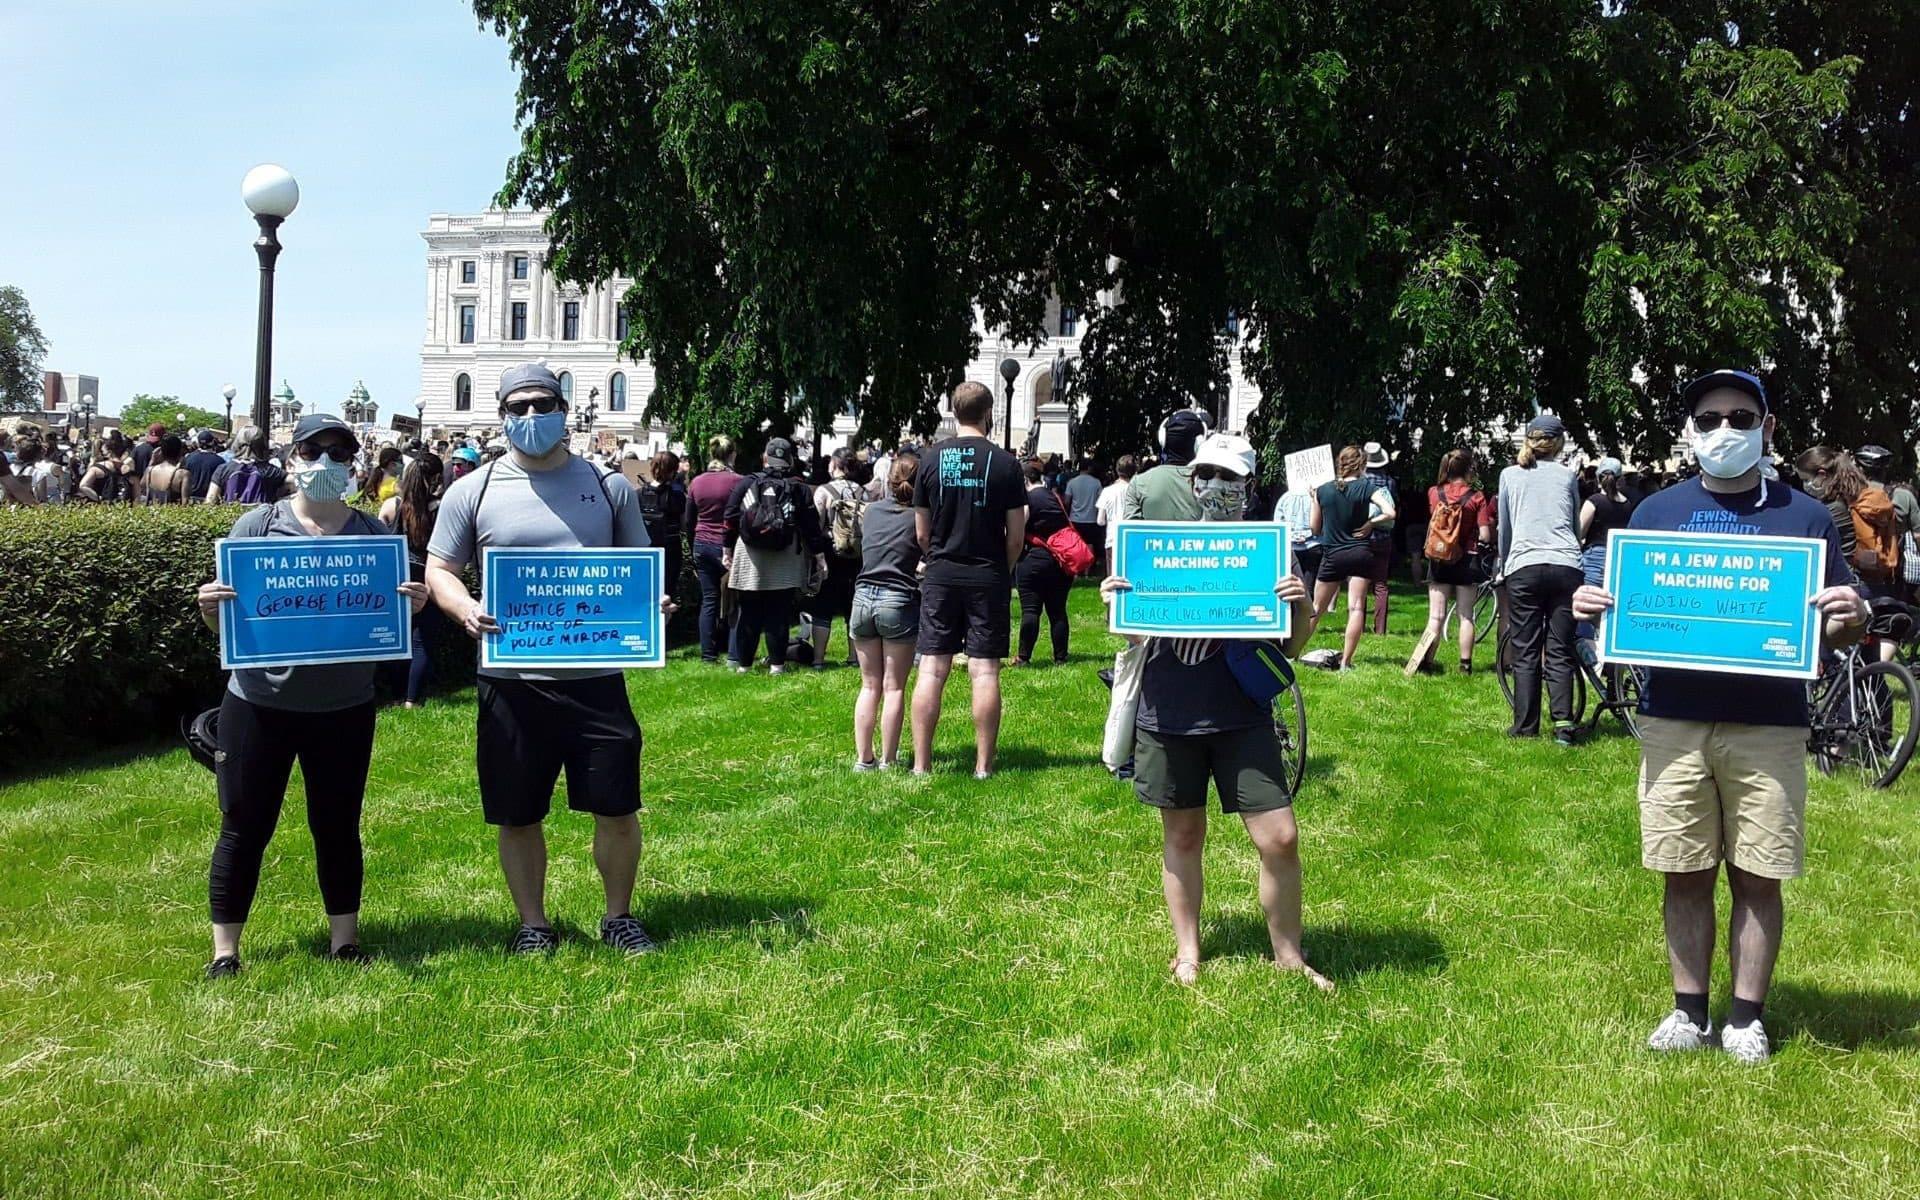 חברי הקהילה היהודית בסיינט פול, מינסוטה, בהפגנת מחאה בעקבות מותו של ג'ורג' פלויד, 31 במאי 2021 (צילום: Courtesy of Carin Mrotz via JTA)